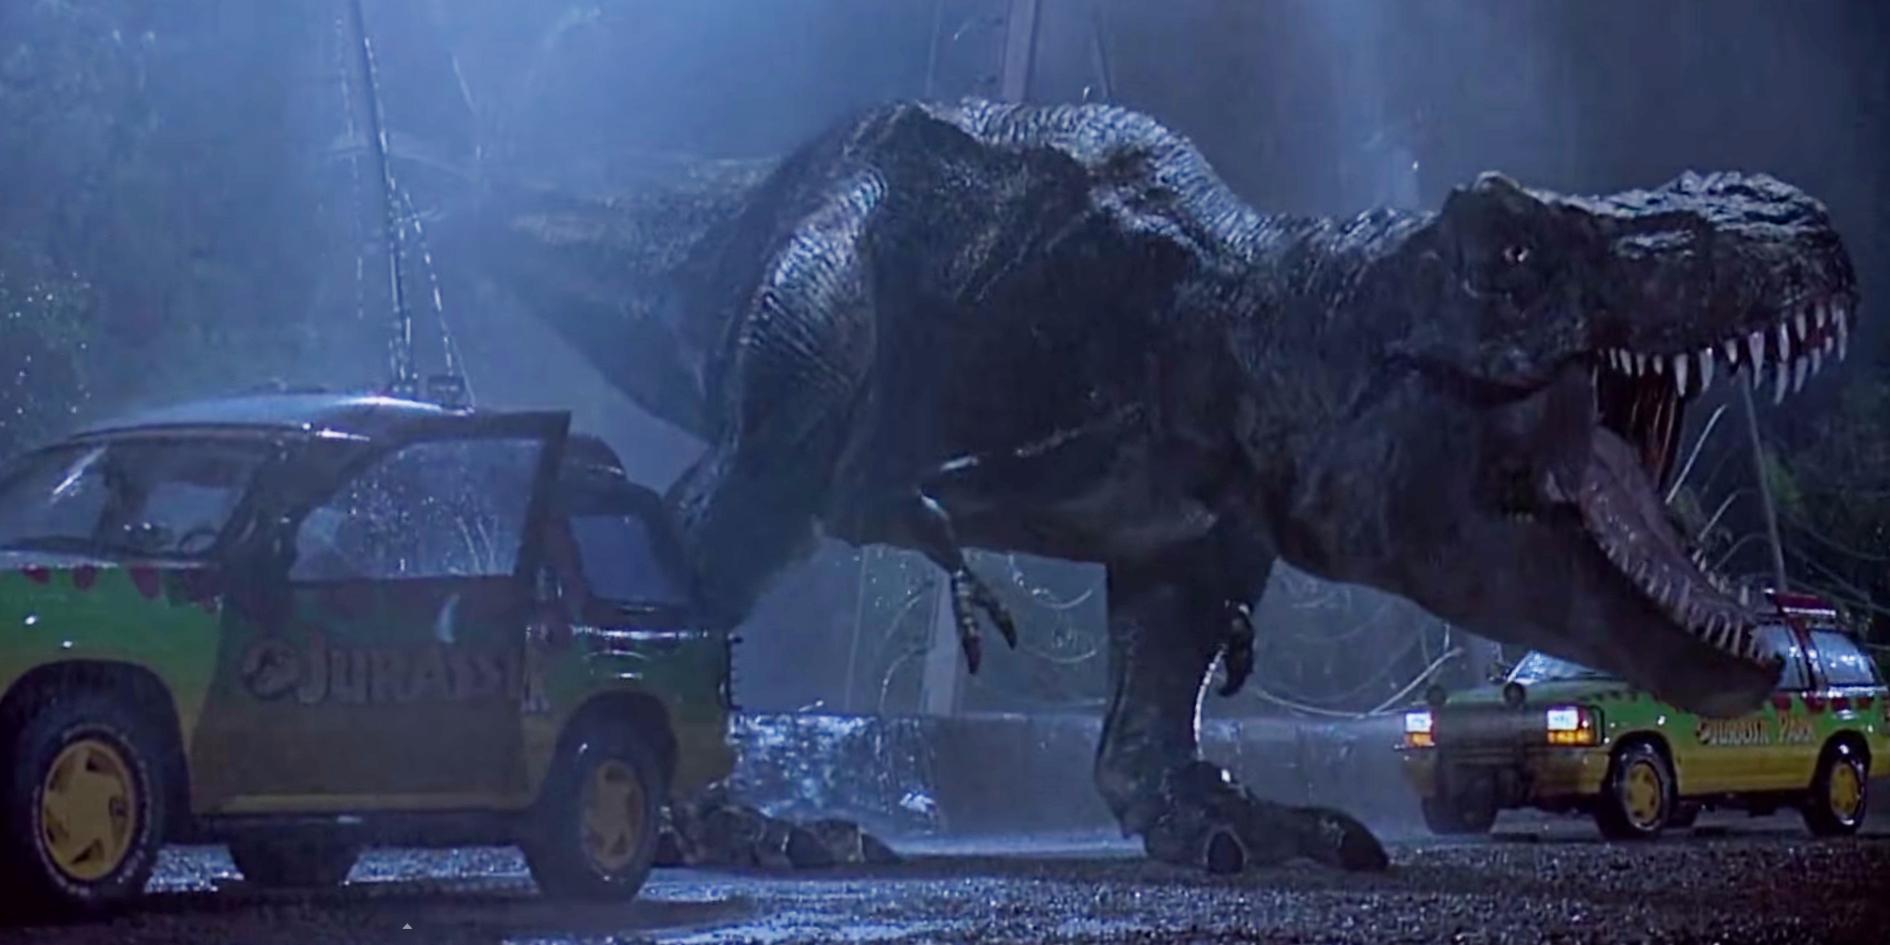 Resultado de imagen para jurassic park 1 Jurassic park